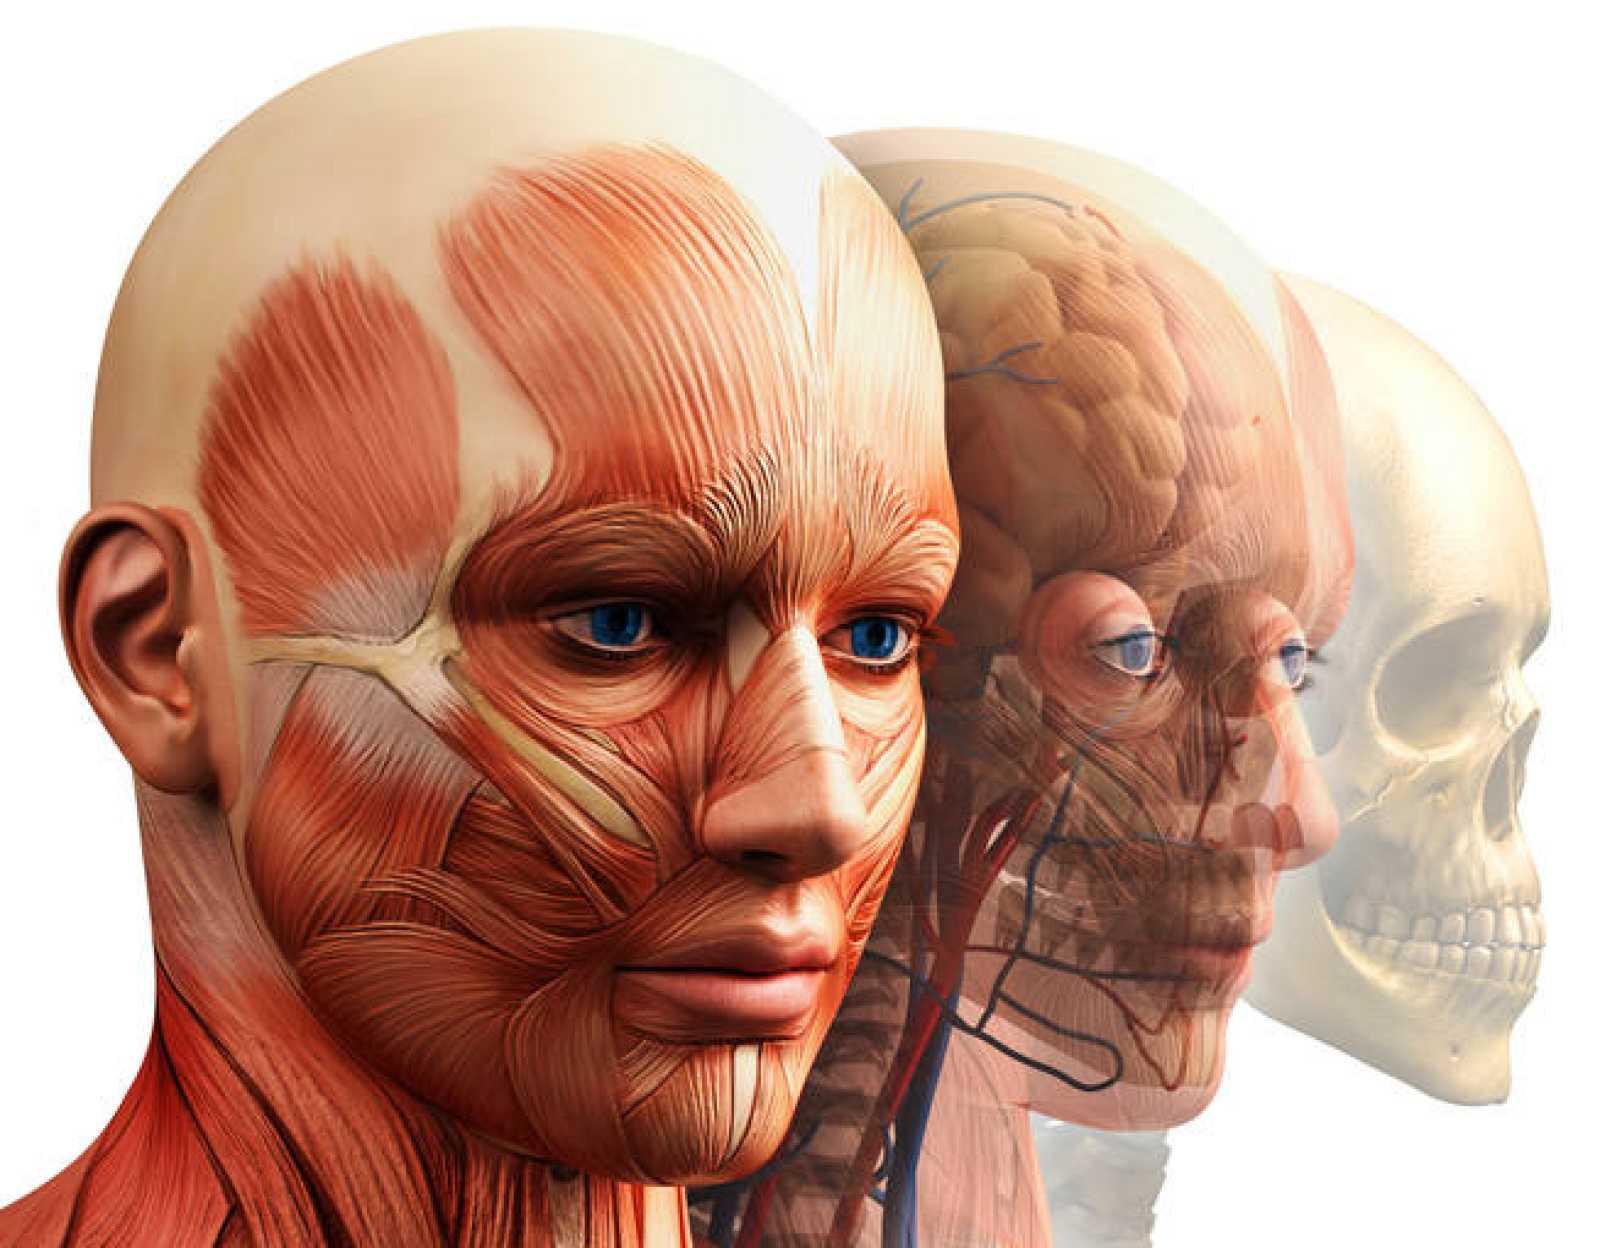 Fantástico Anatomía Cabeza Humana Colección de Imágenes - Anatomía ...